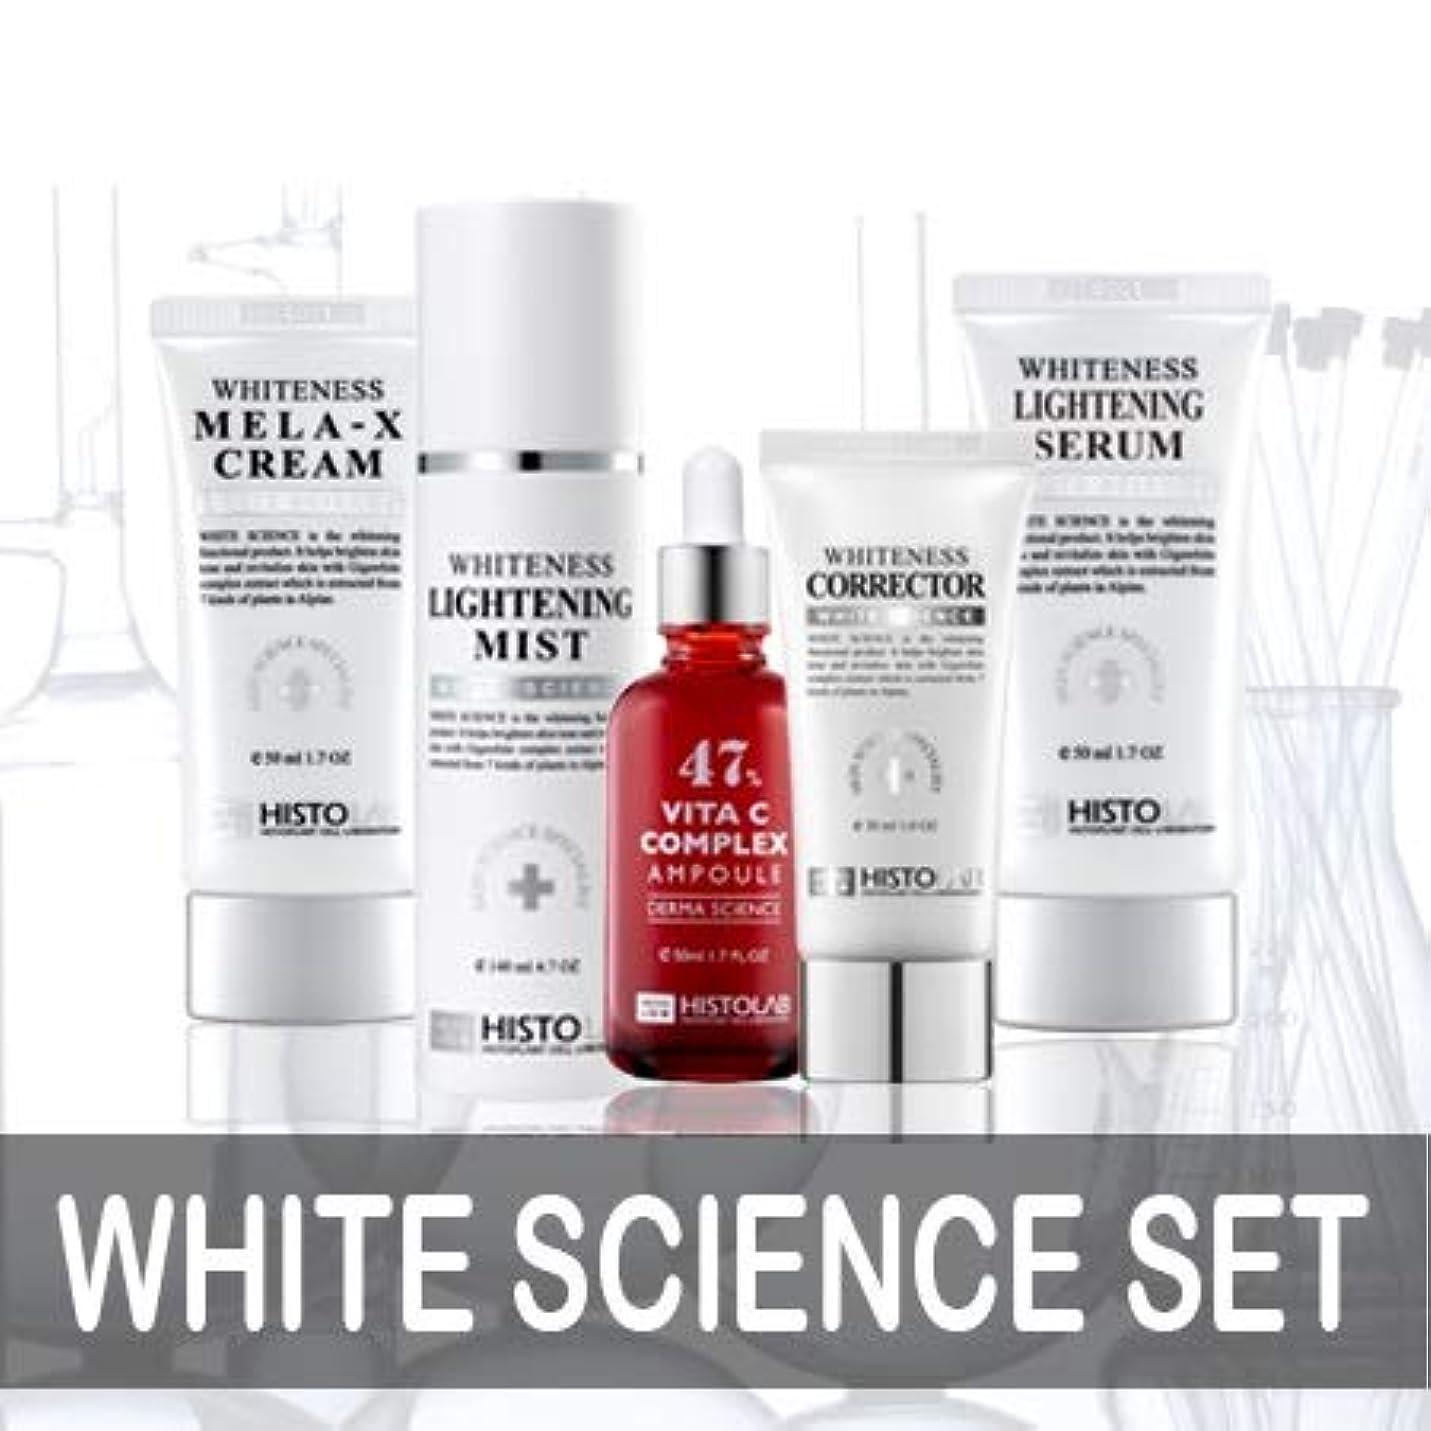 対話必要ない望ましい[Histolab][韓国コスメ]肌の美 白クリームセット/Special White Science Set ★1 White ンプル+4美 白クリームセット★無料サンプル★